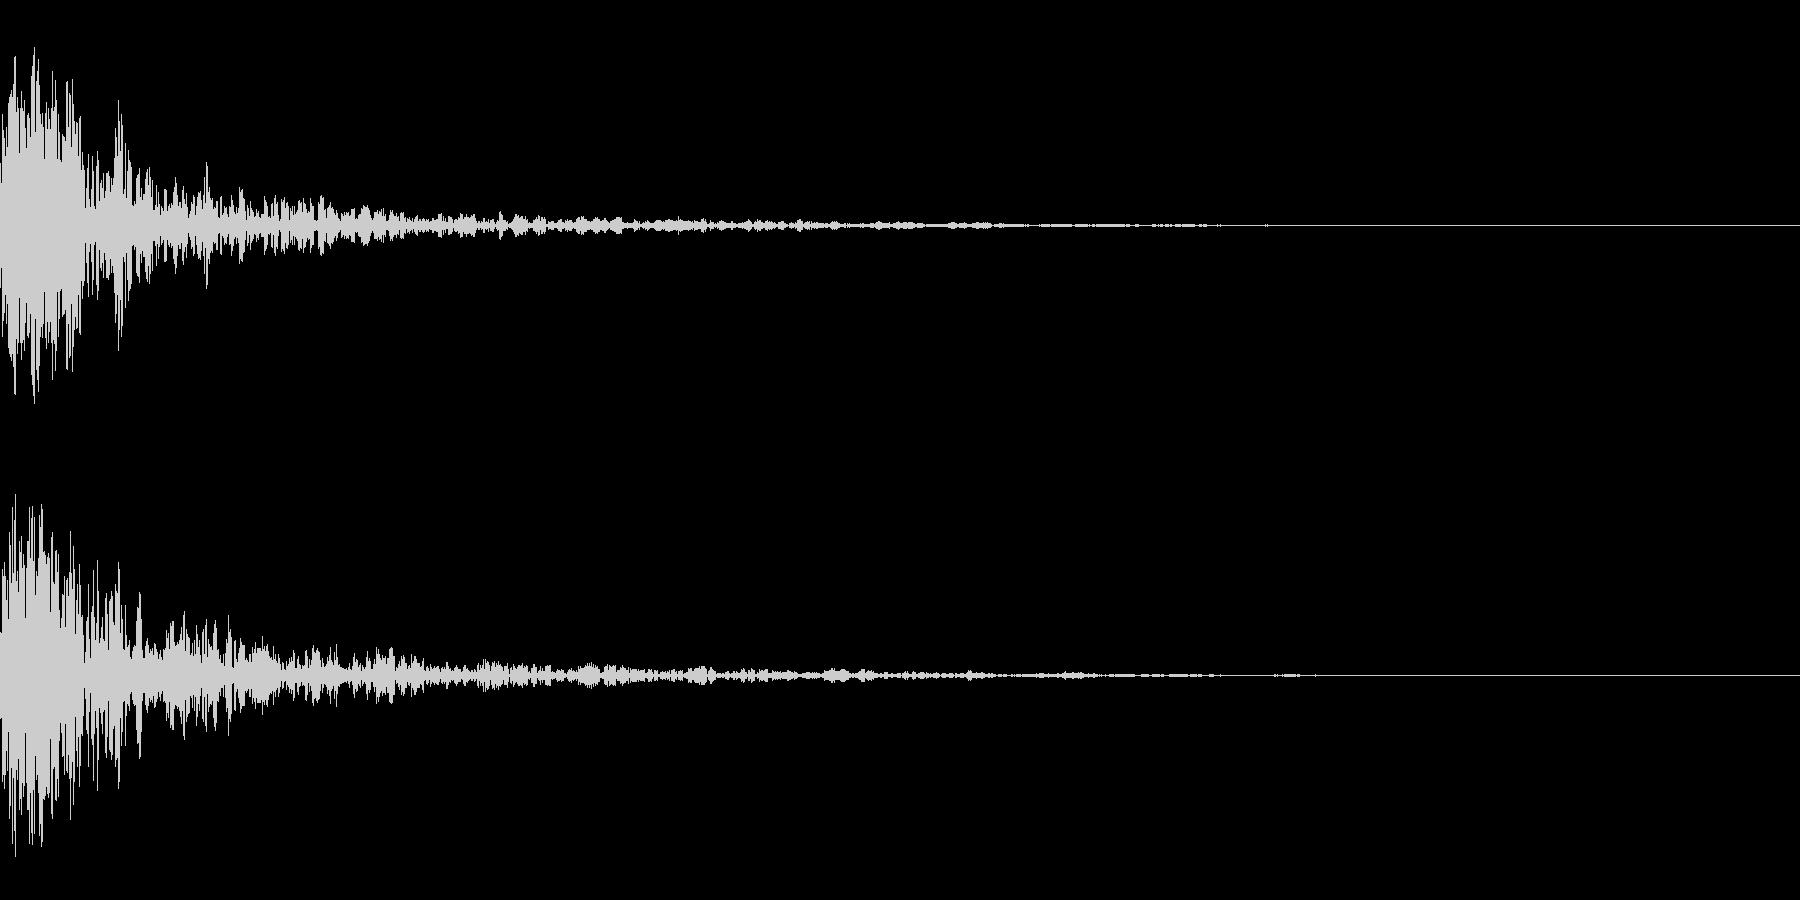 ドーン-52-1(インパクト音)の未再生の波形